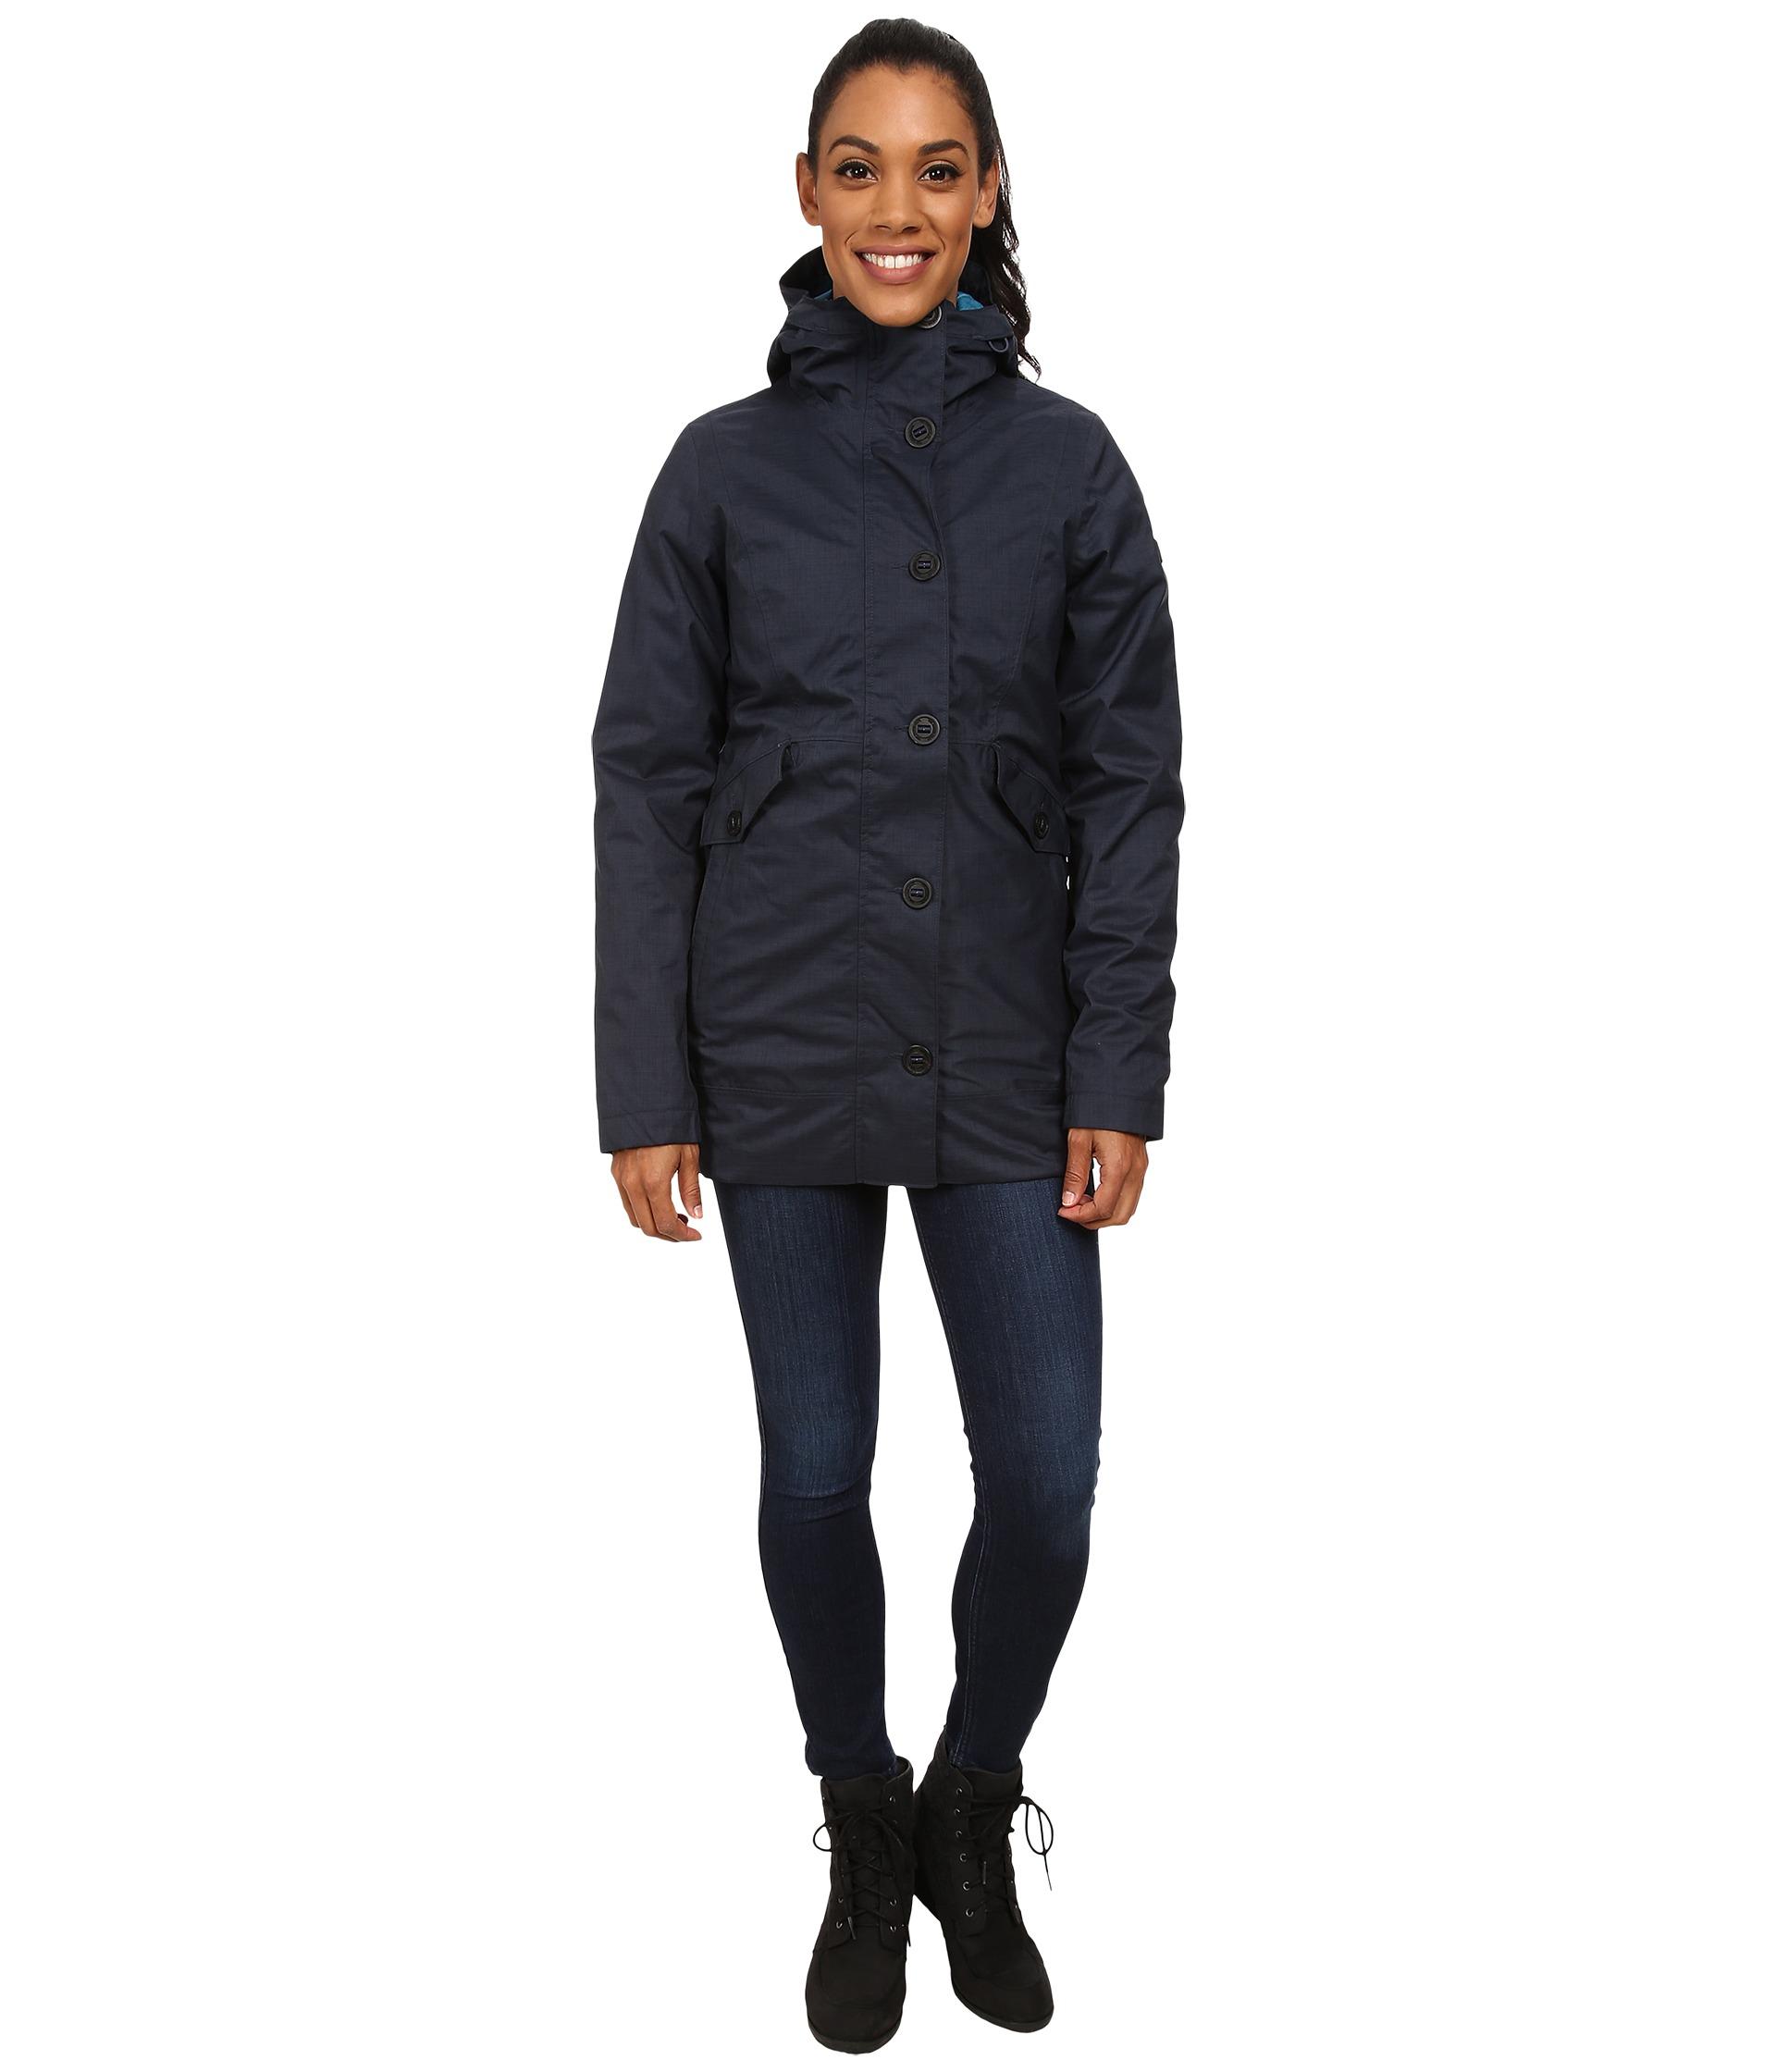 Coats & Outerwear, Women, Rain Coats   Shipped Free at Zappos